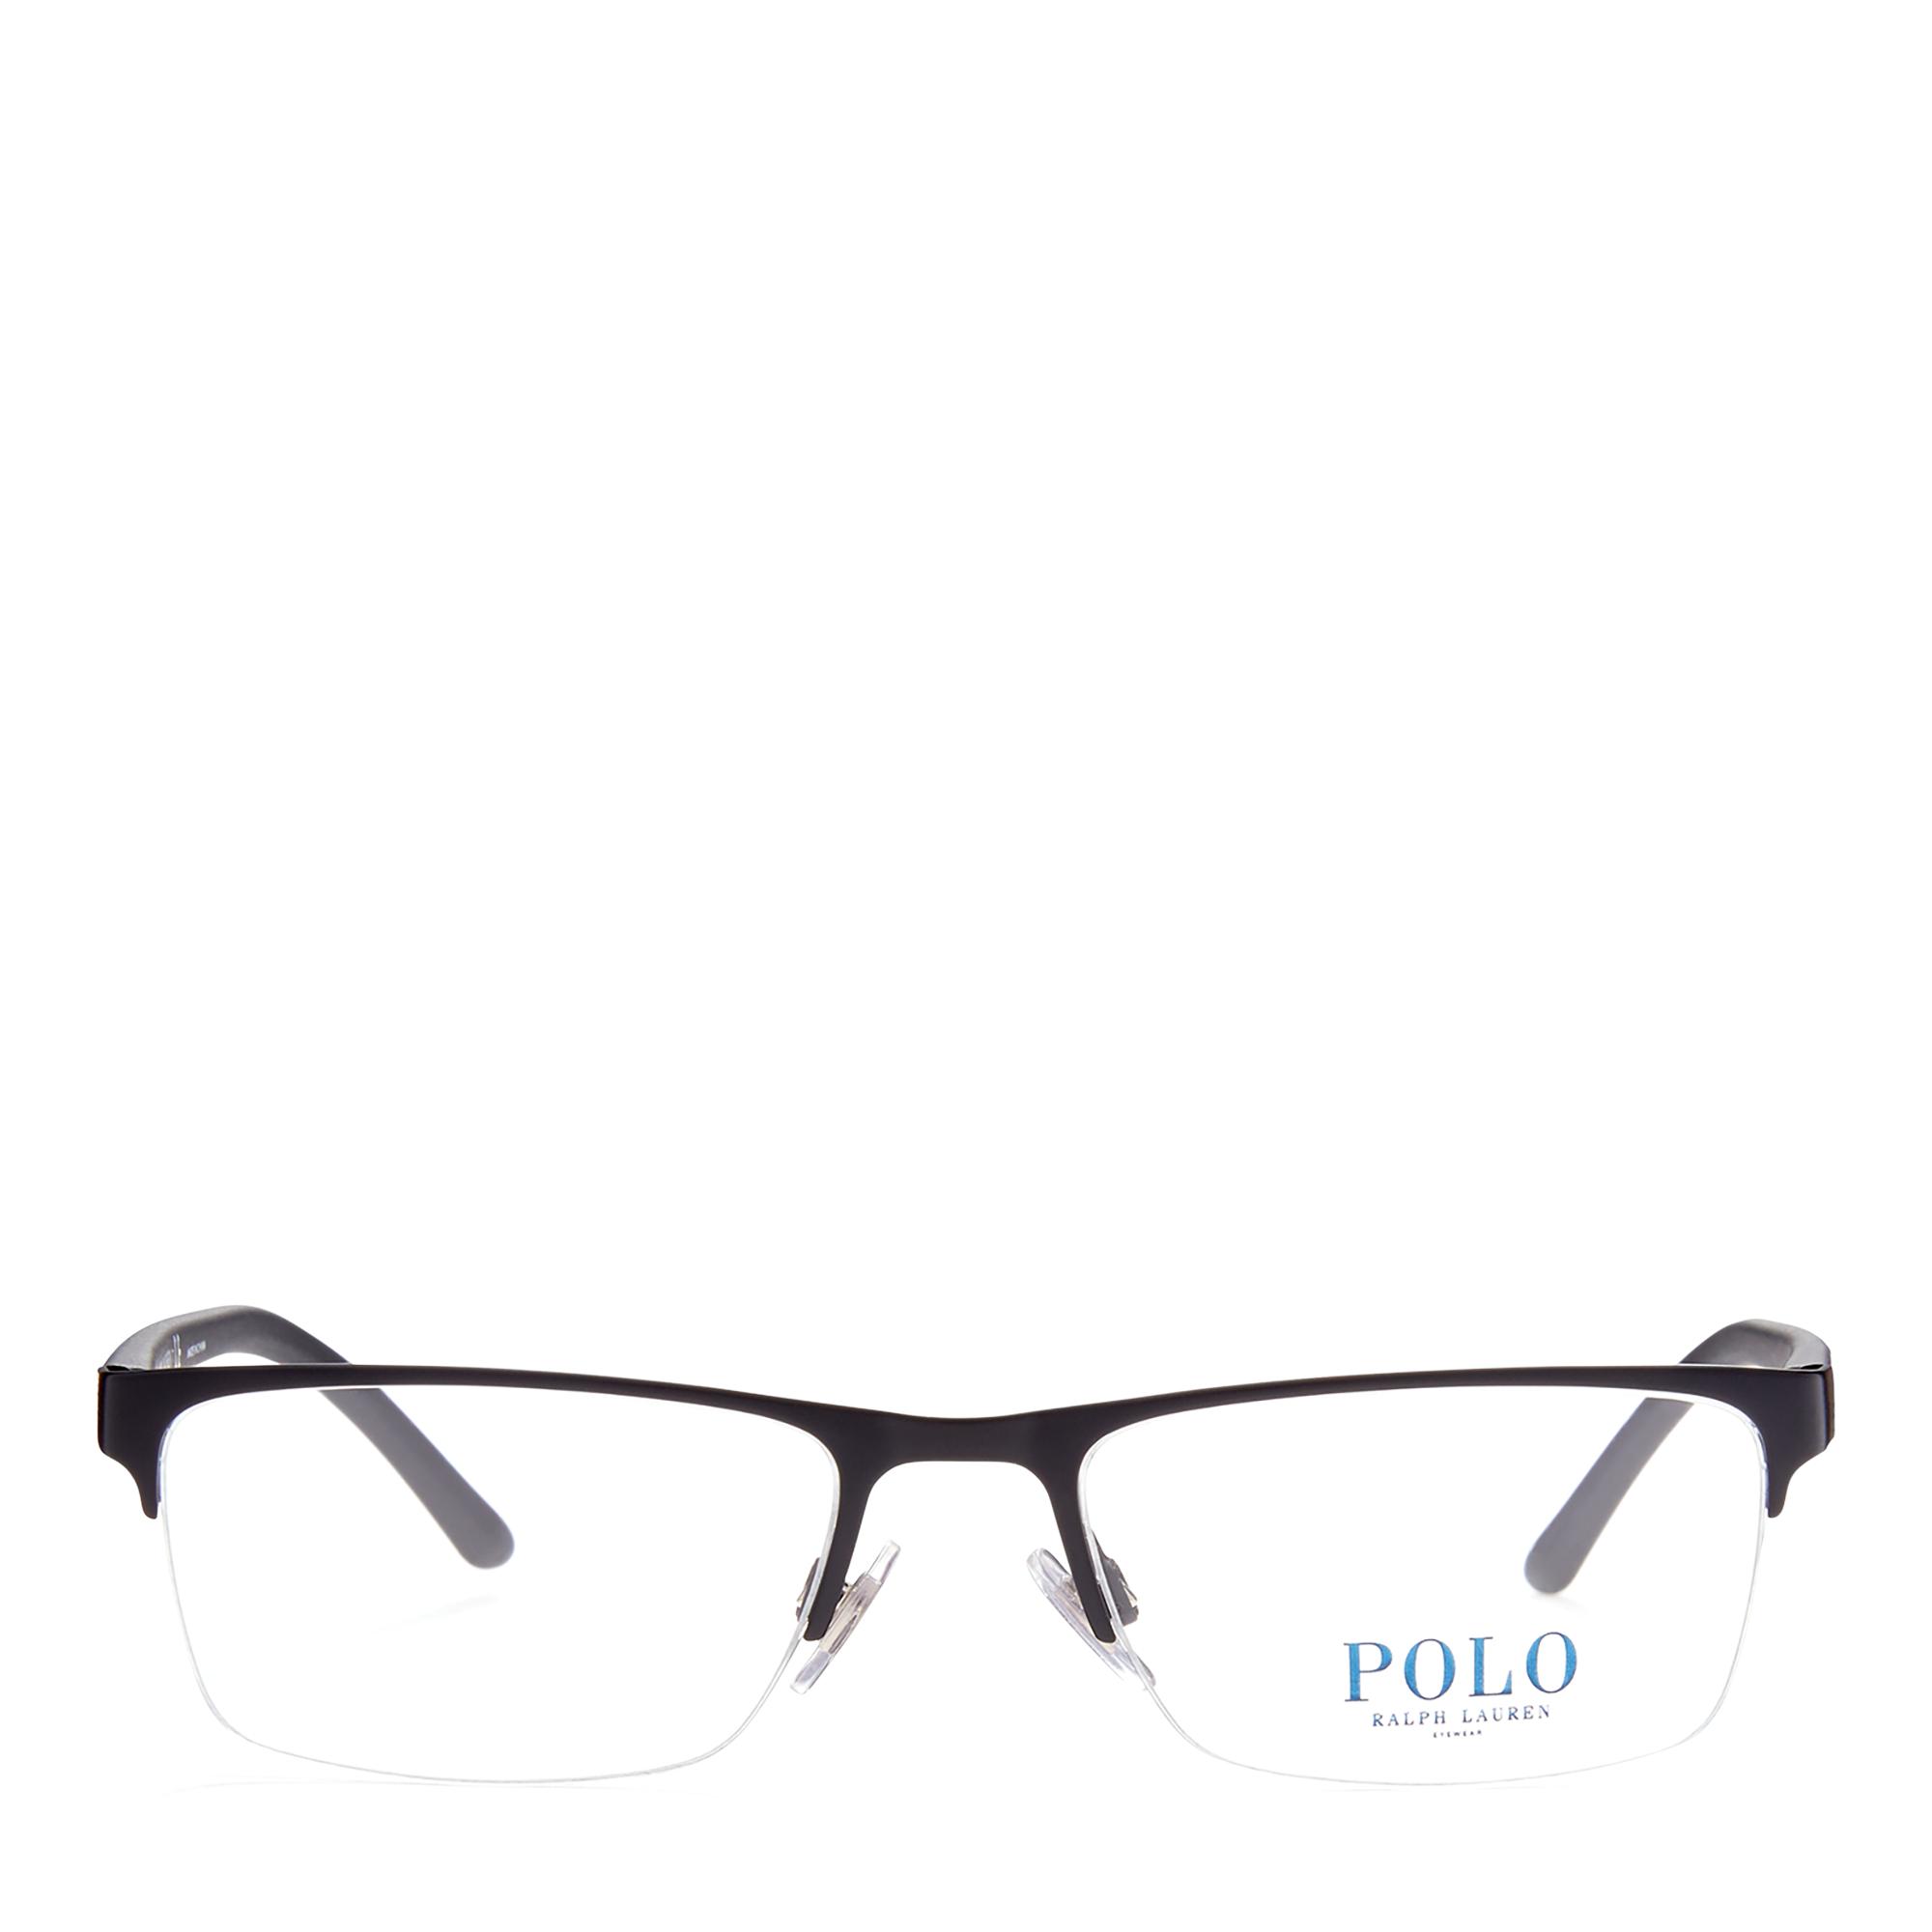 d74ba996750 Ralph Lauren Rimless Eyeglass Frames - SIS Solutions